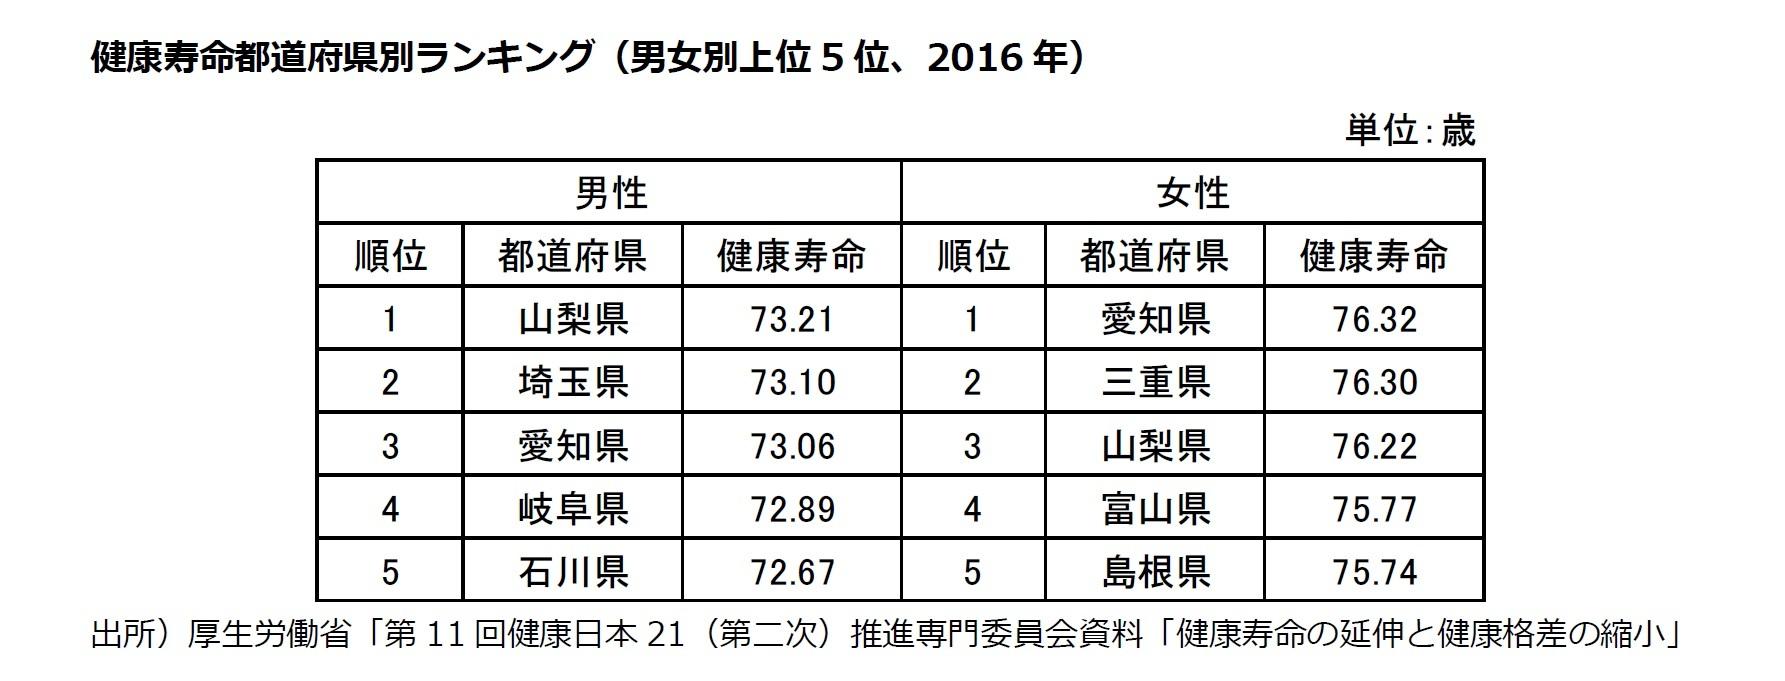 健康寿命都道府県別ランキング(男女別上位5位、2016年)